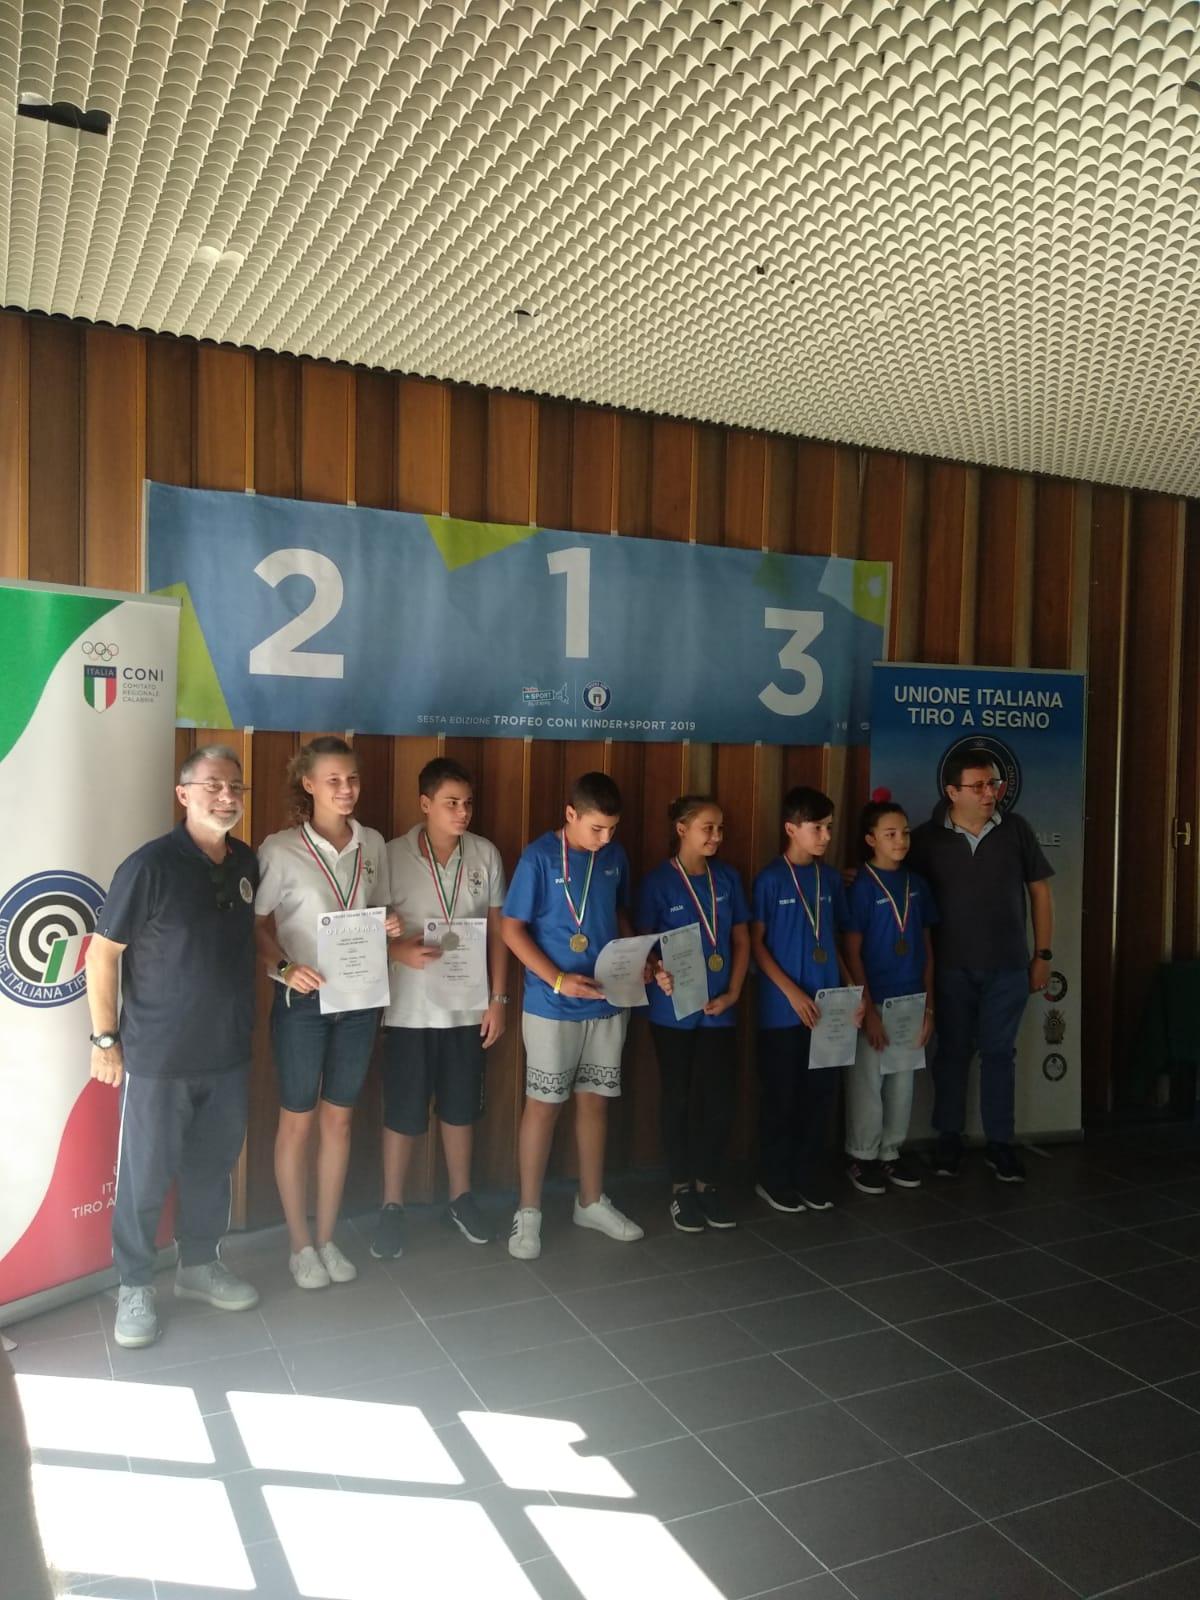 Trofeo CONI 2019. Candela da il proprio contributo alla Regione Puglia